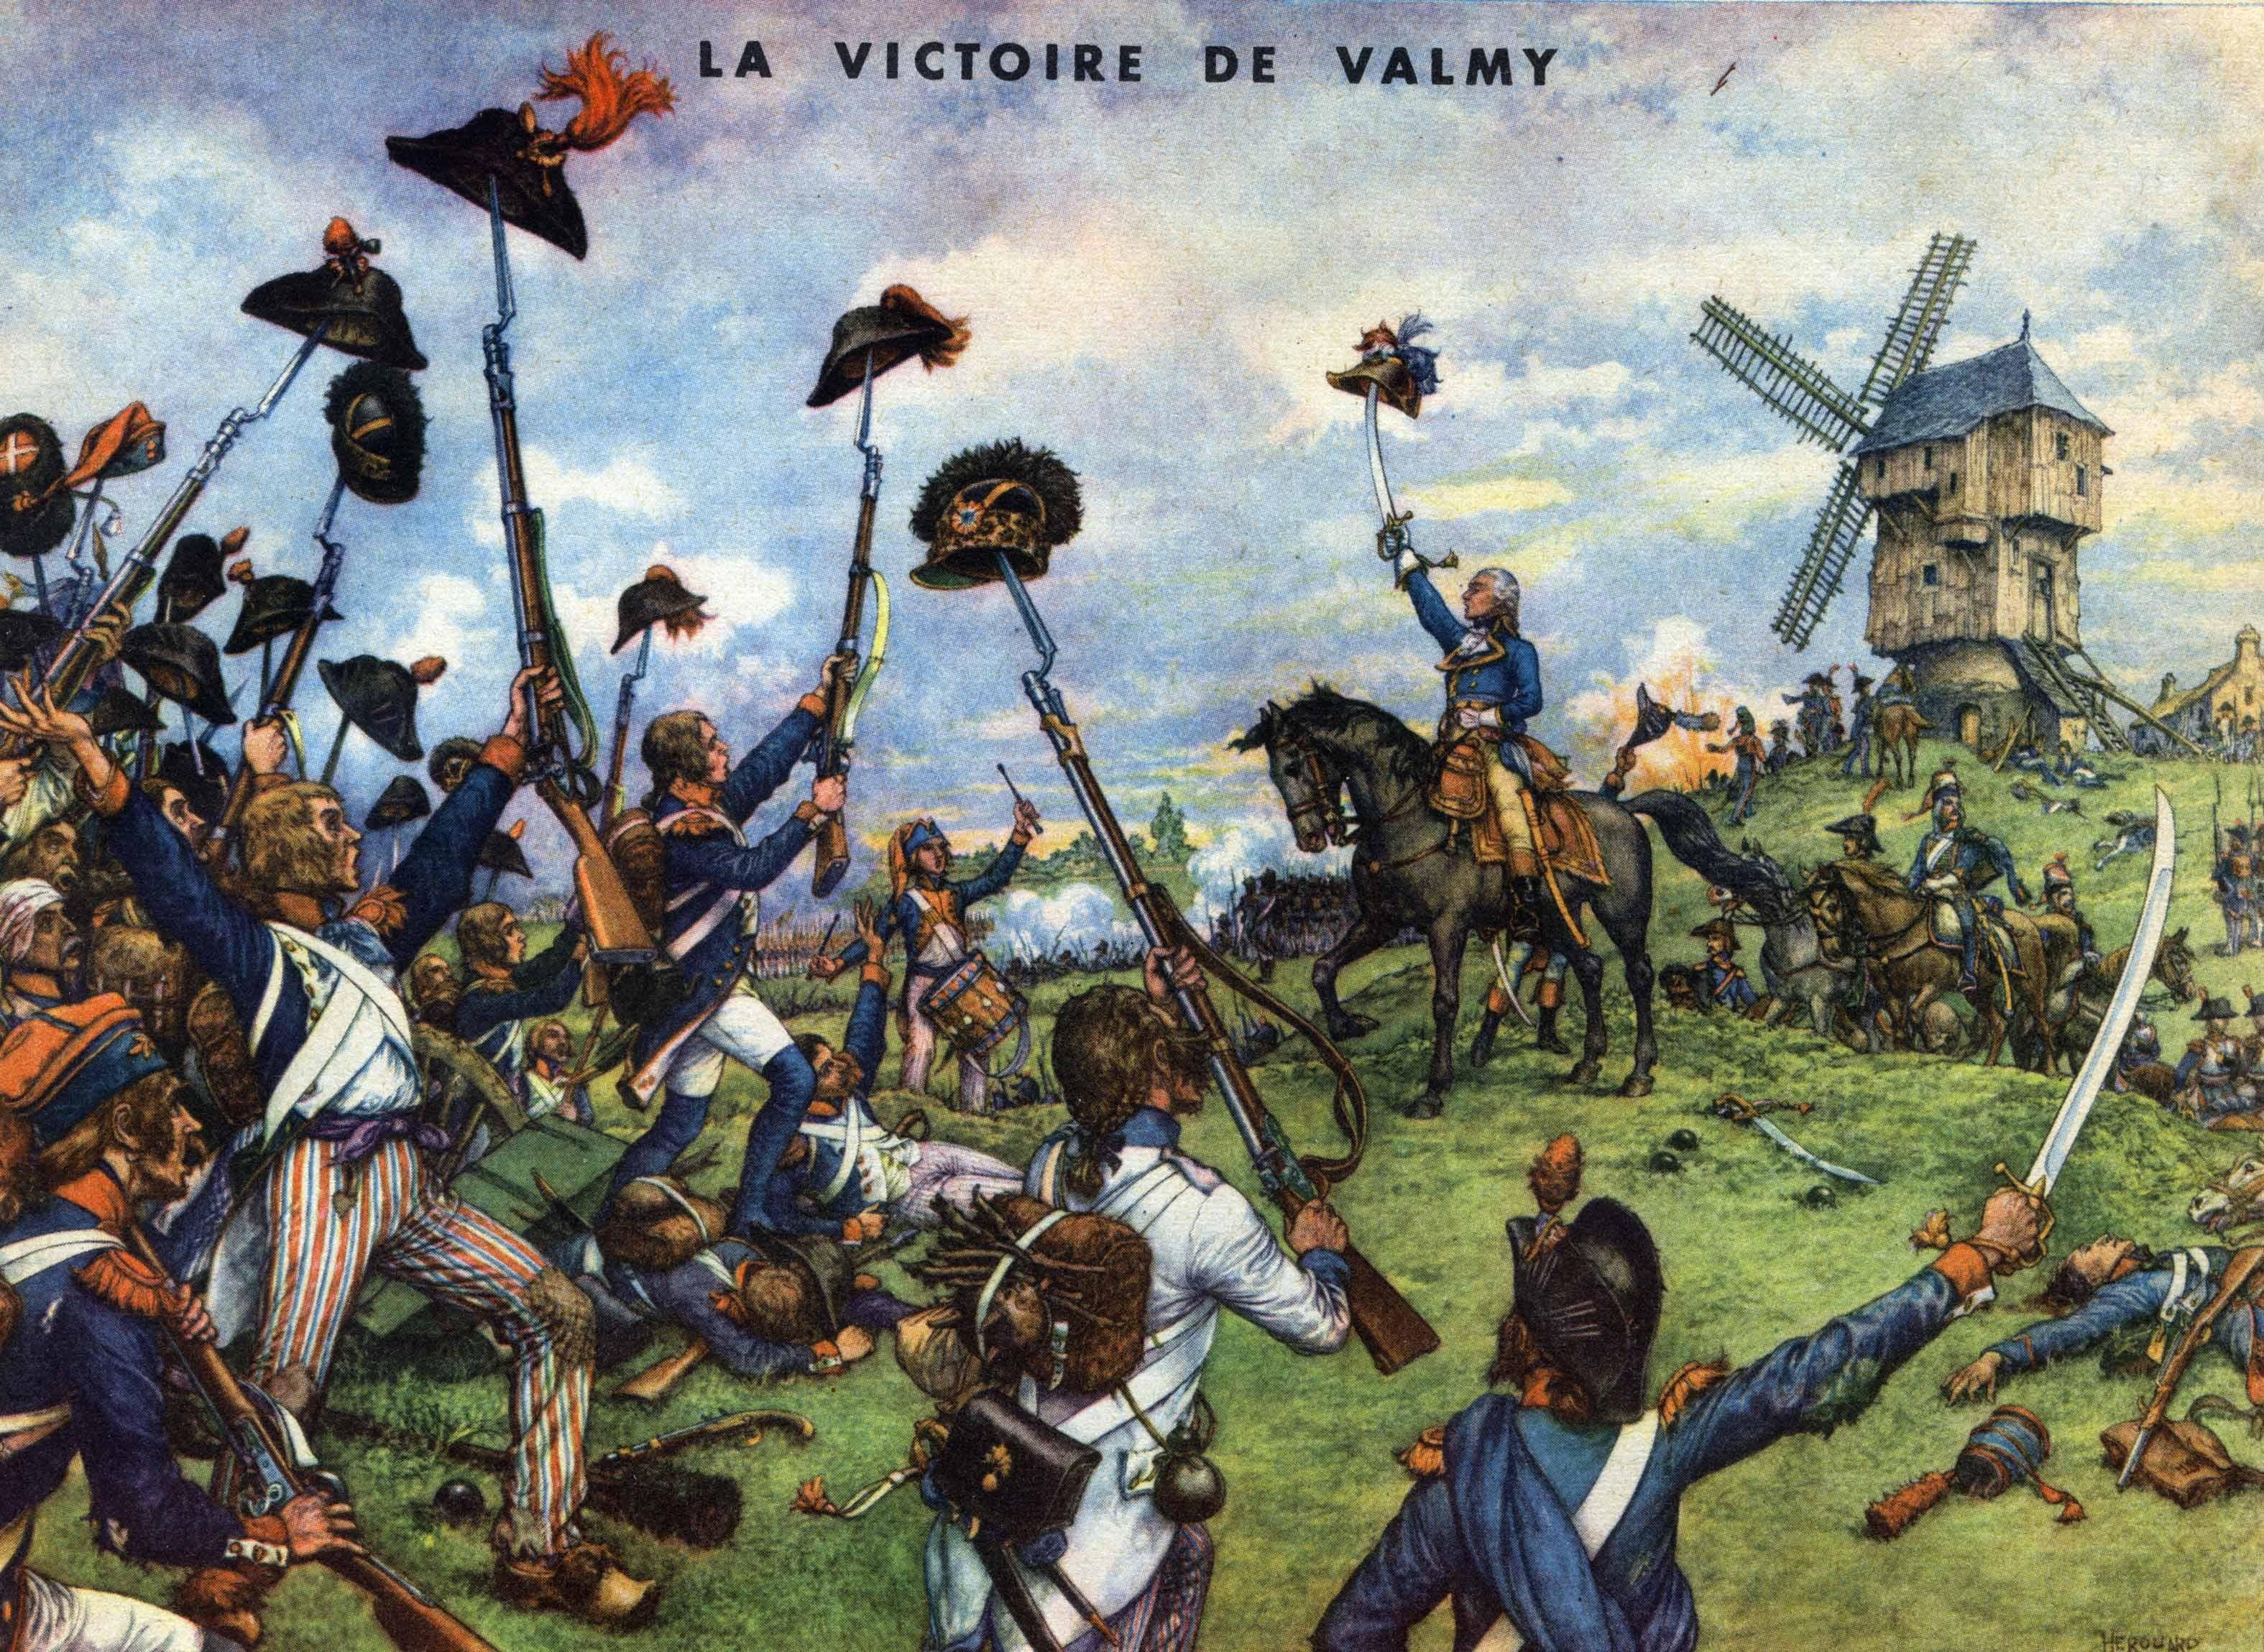 53 la bataille de valmy